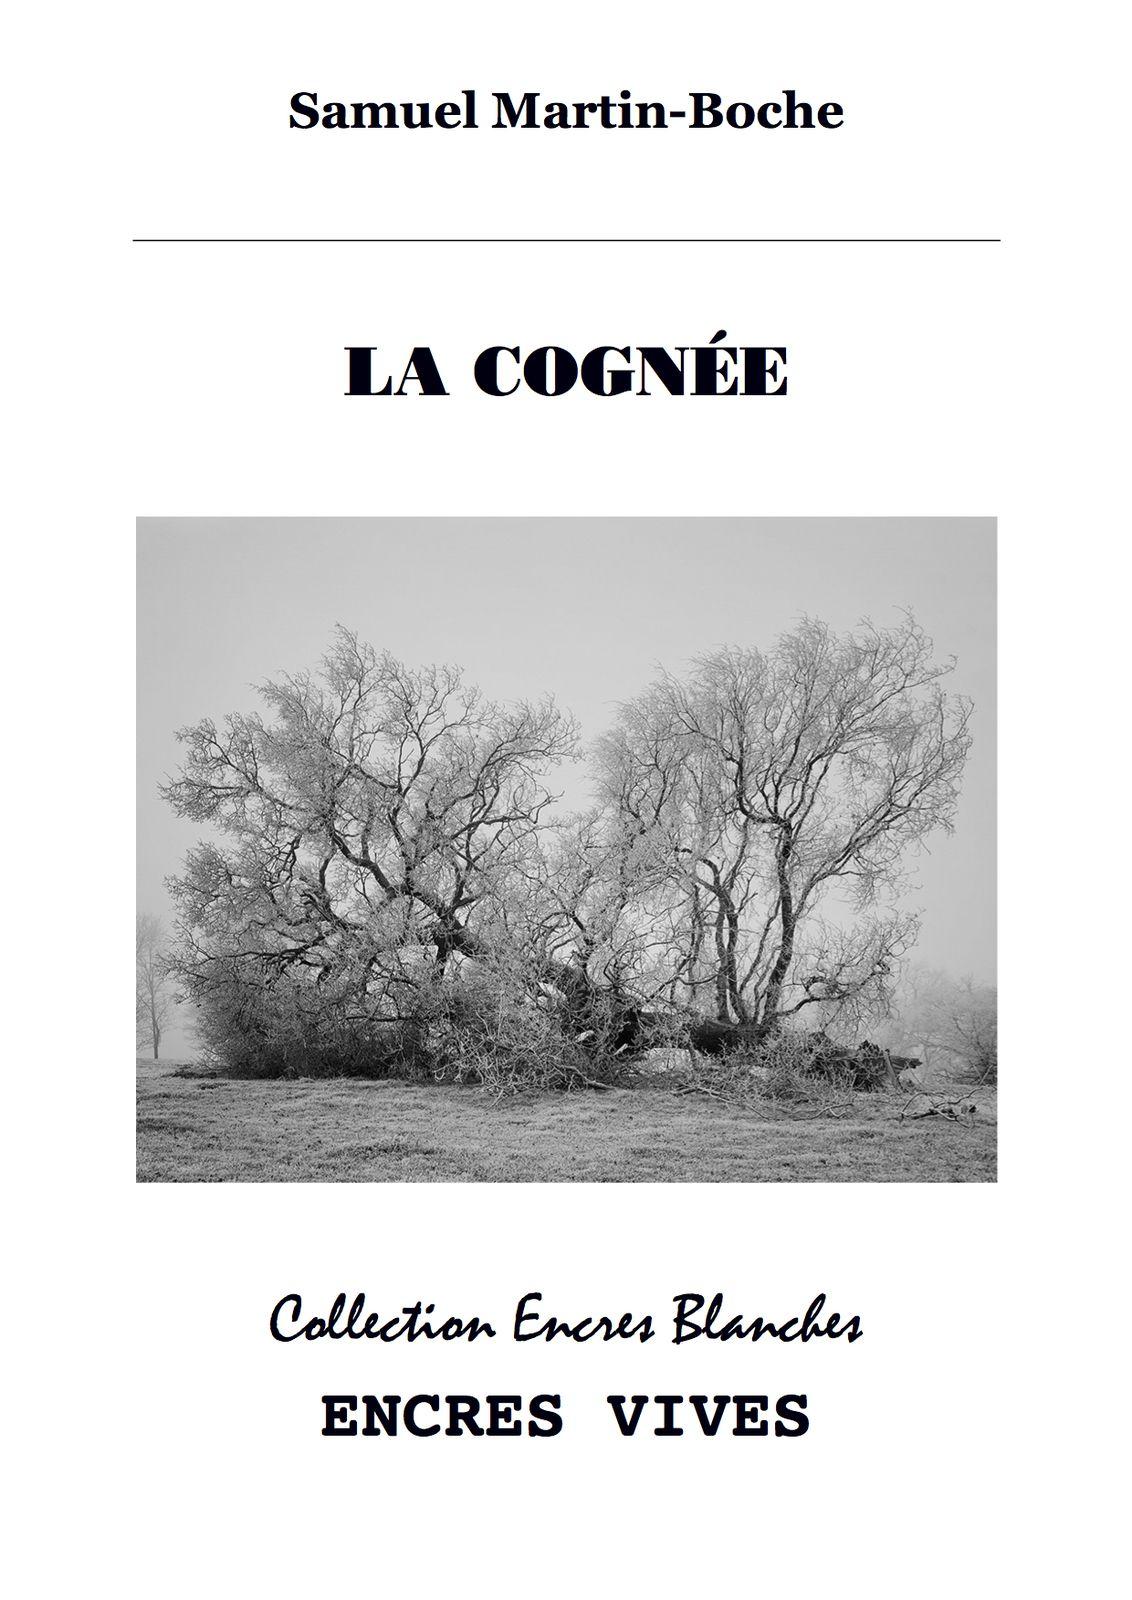 Photo de couverture © Alain Cornu - DR